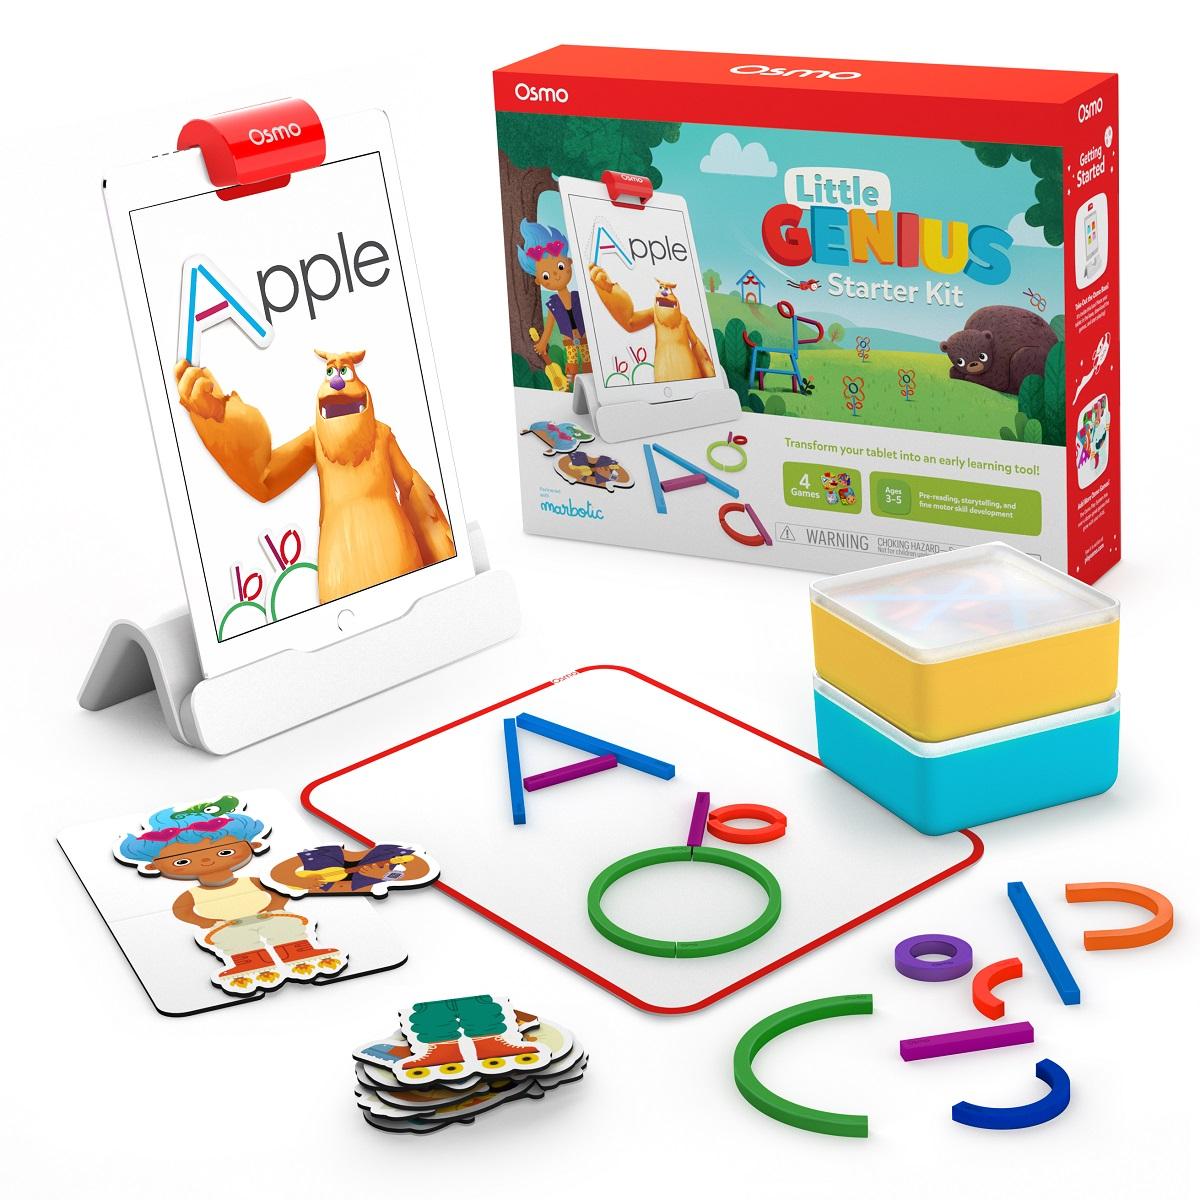 Osmo Little Genius Starter Kit Targets Preschoolers With